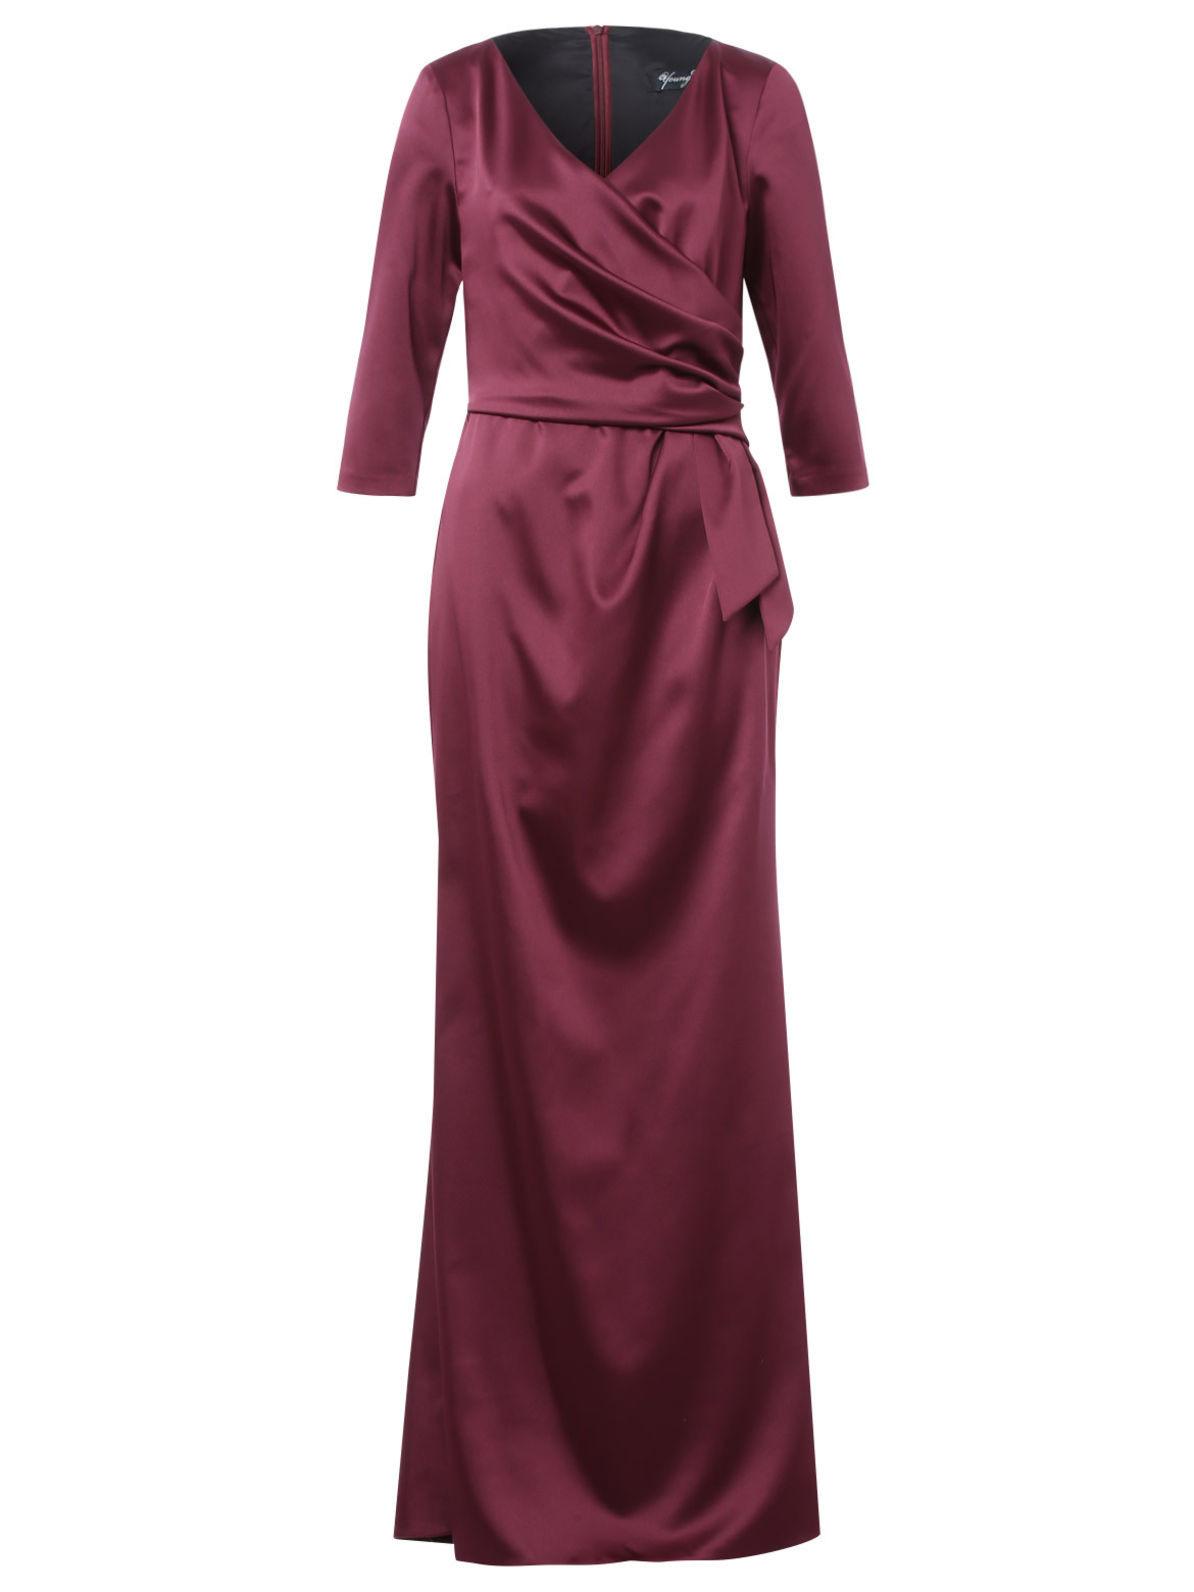 10 Großartig Young Couture Abendkleid für 2019Formal Einzigartig Young Couture Abendkleid Spezialgebiet